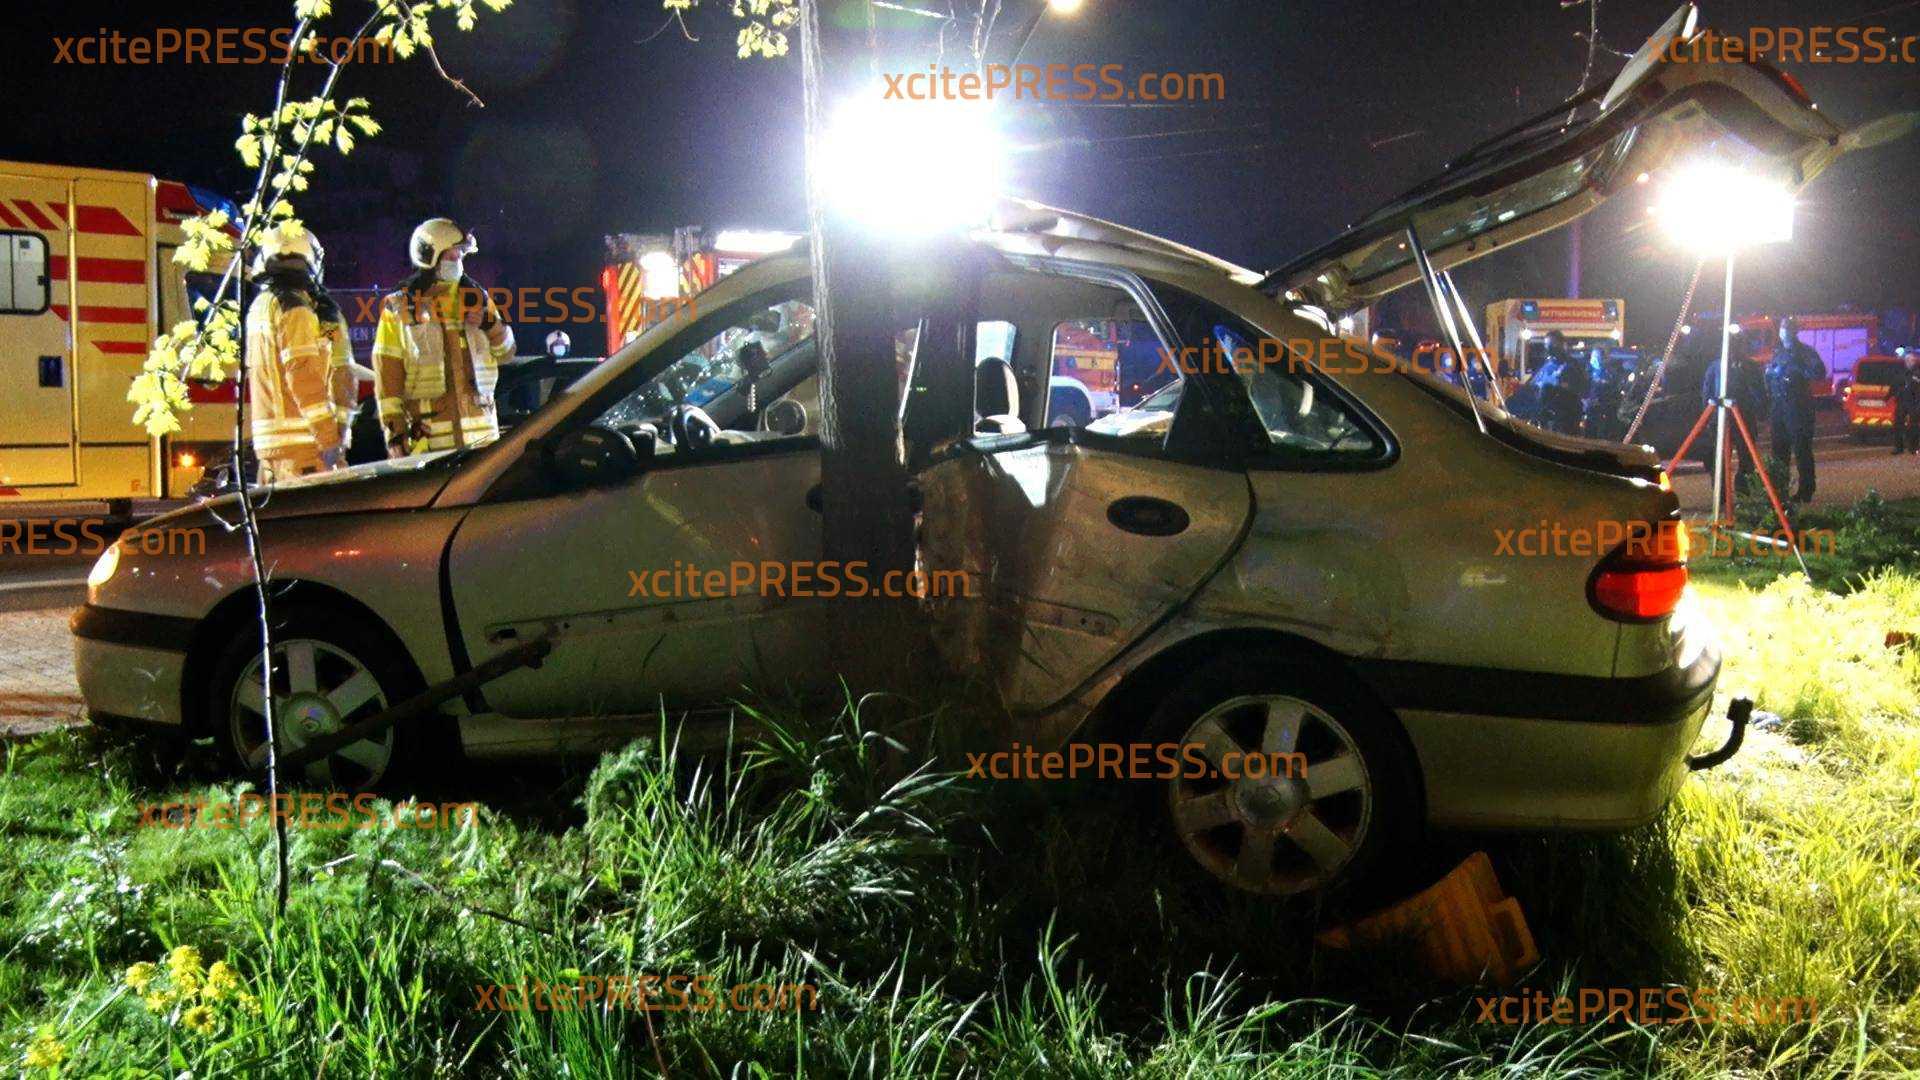 Renault kracht gegen Baum: 3 Verletzte: Fahrer soll zuvor auffällig gefahren sein und sich Haltesignal der Polizei widersetzt haben